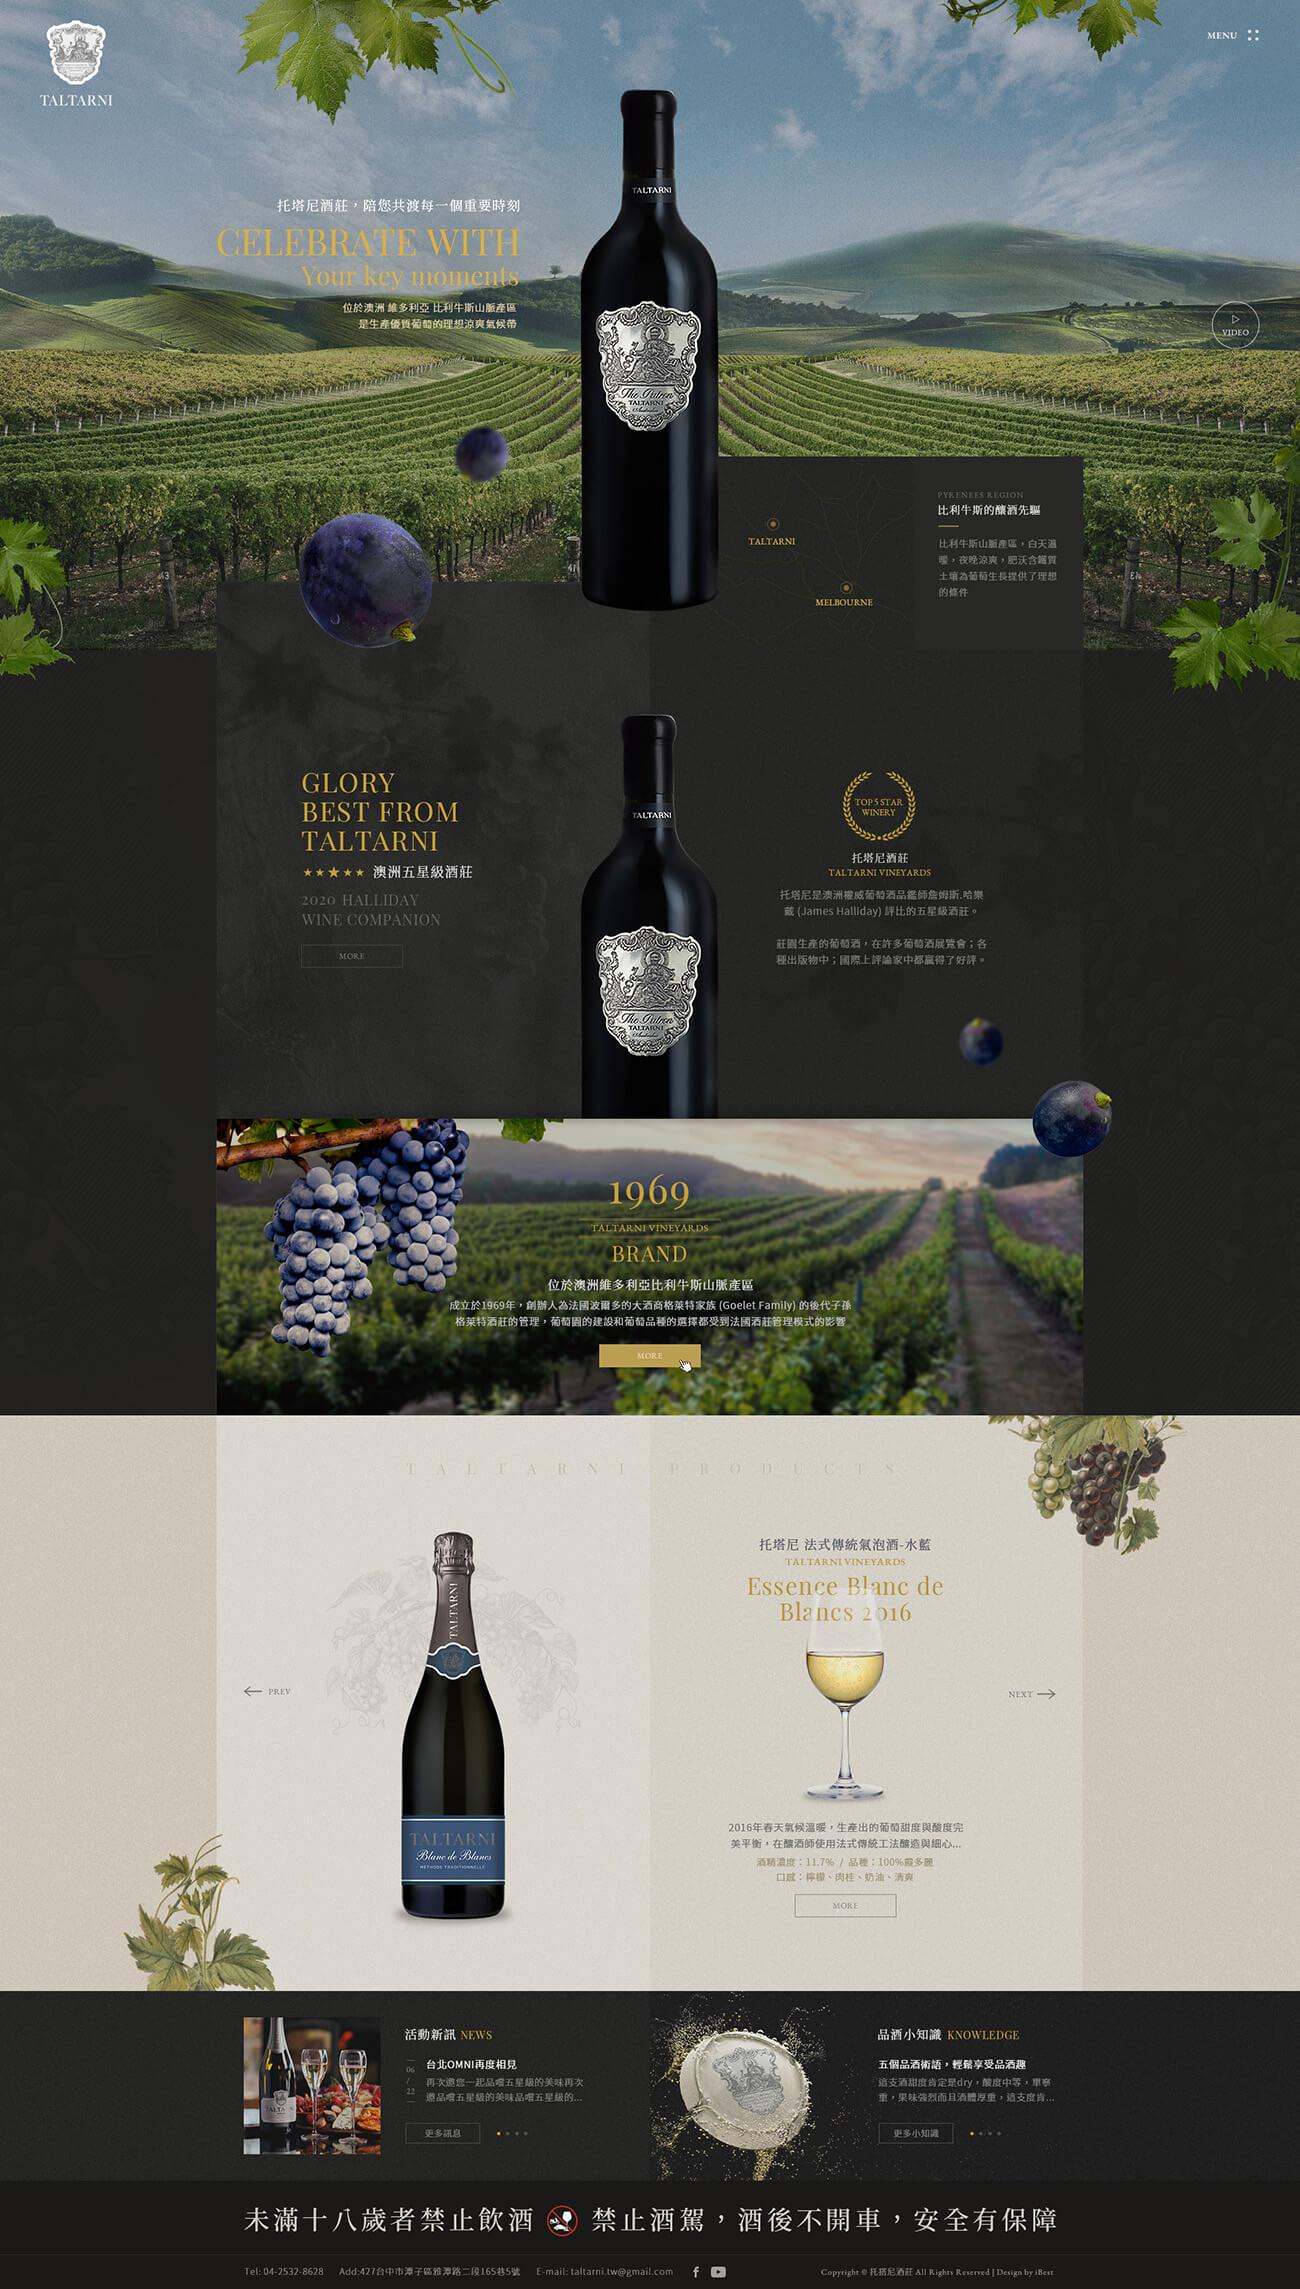 托搭尼酒莊-網頁設計